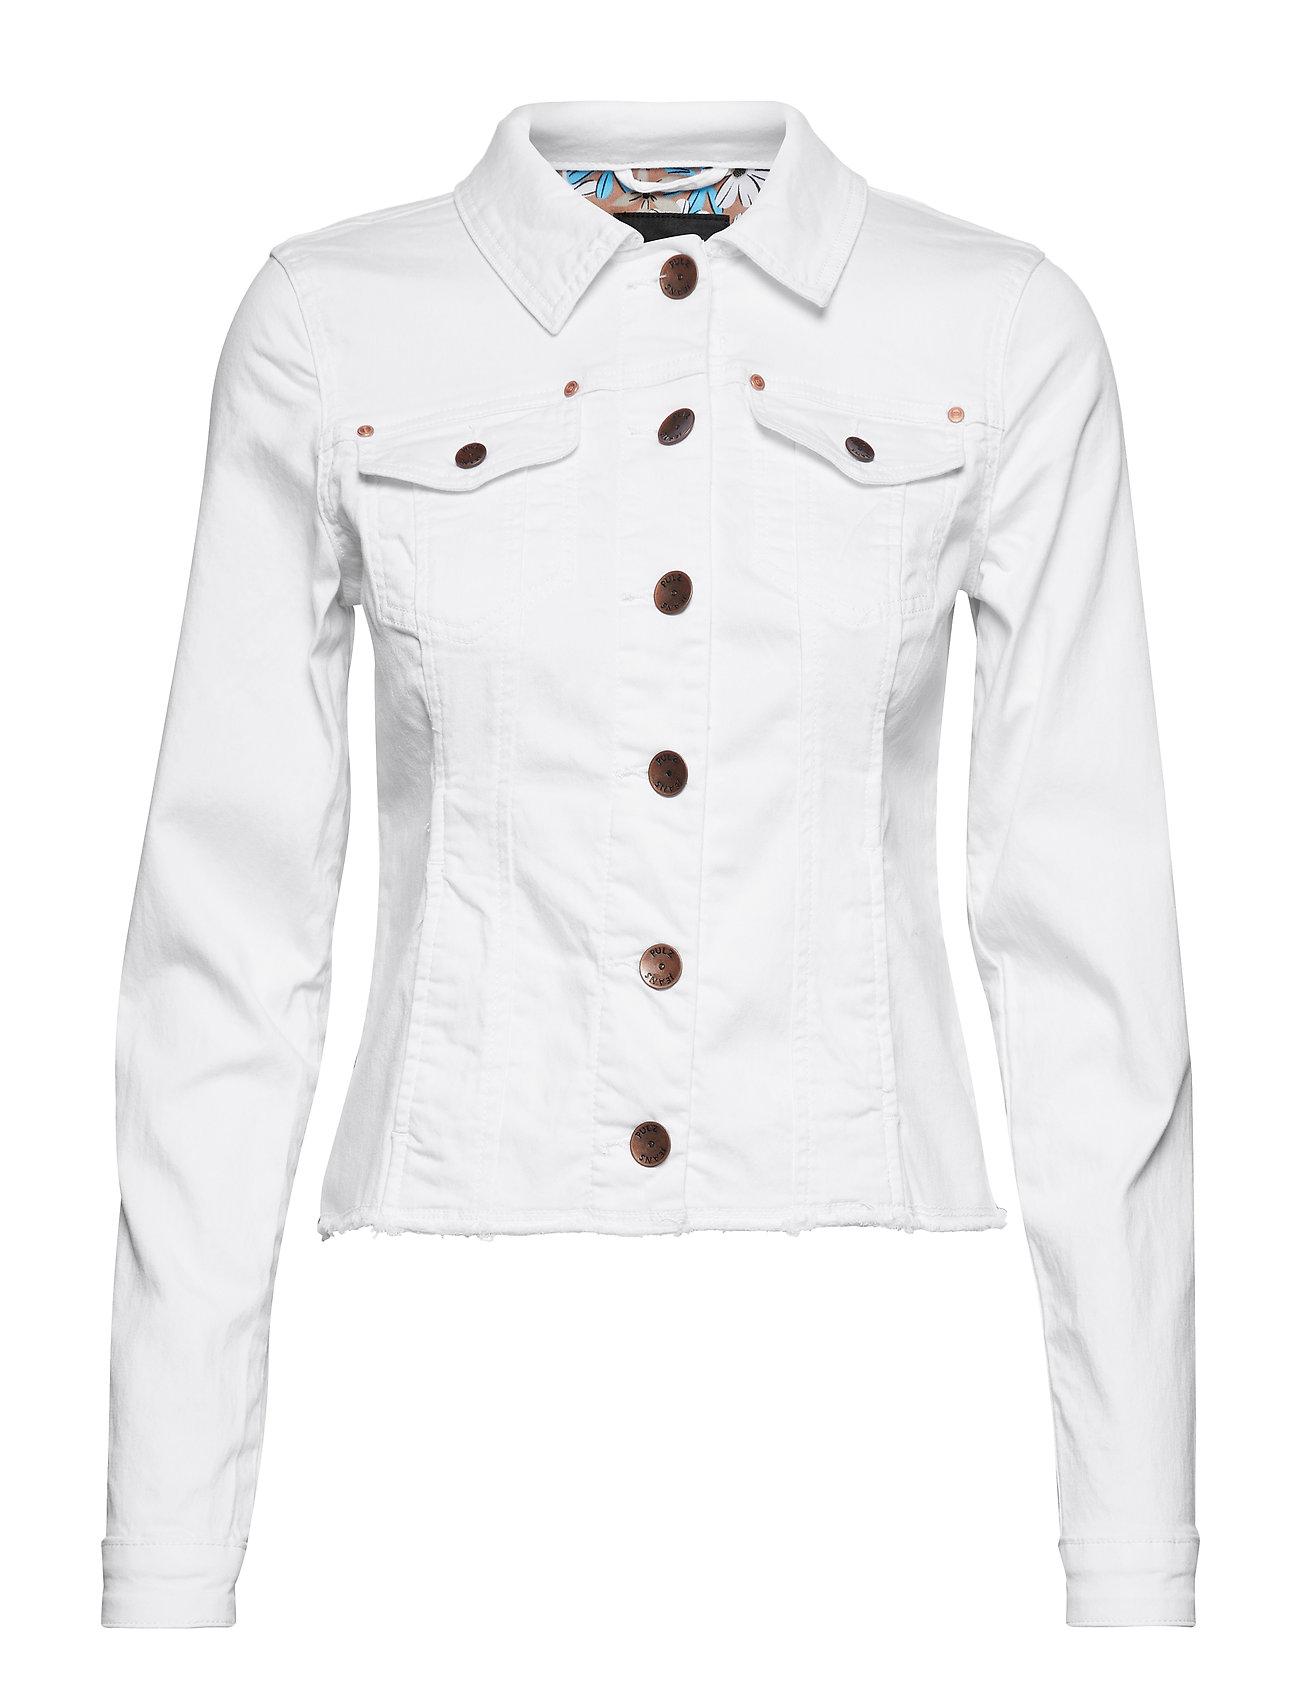 Pulz Jeans PzSuvi Jacket